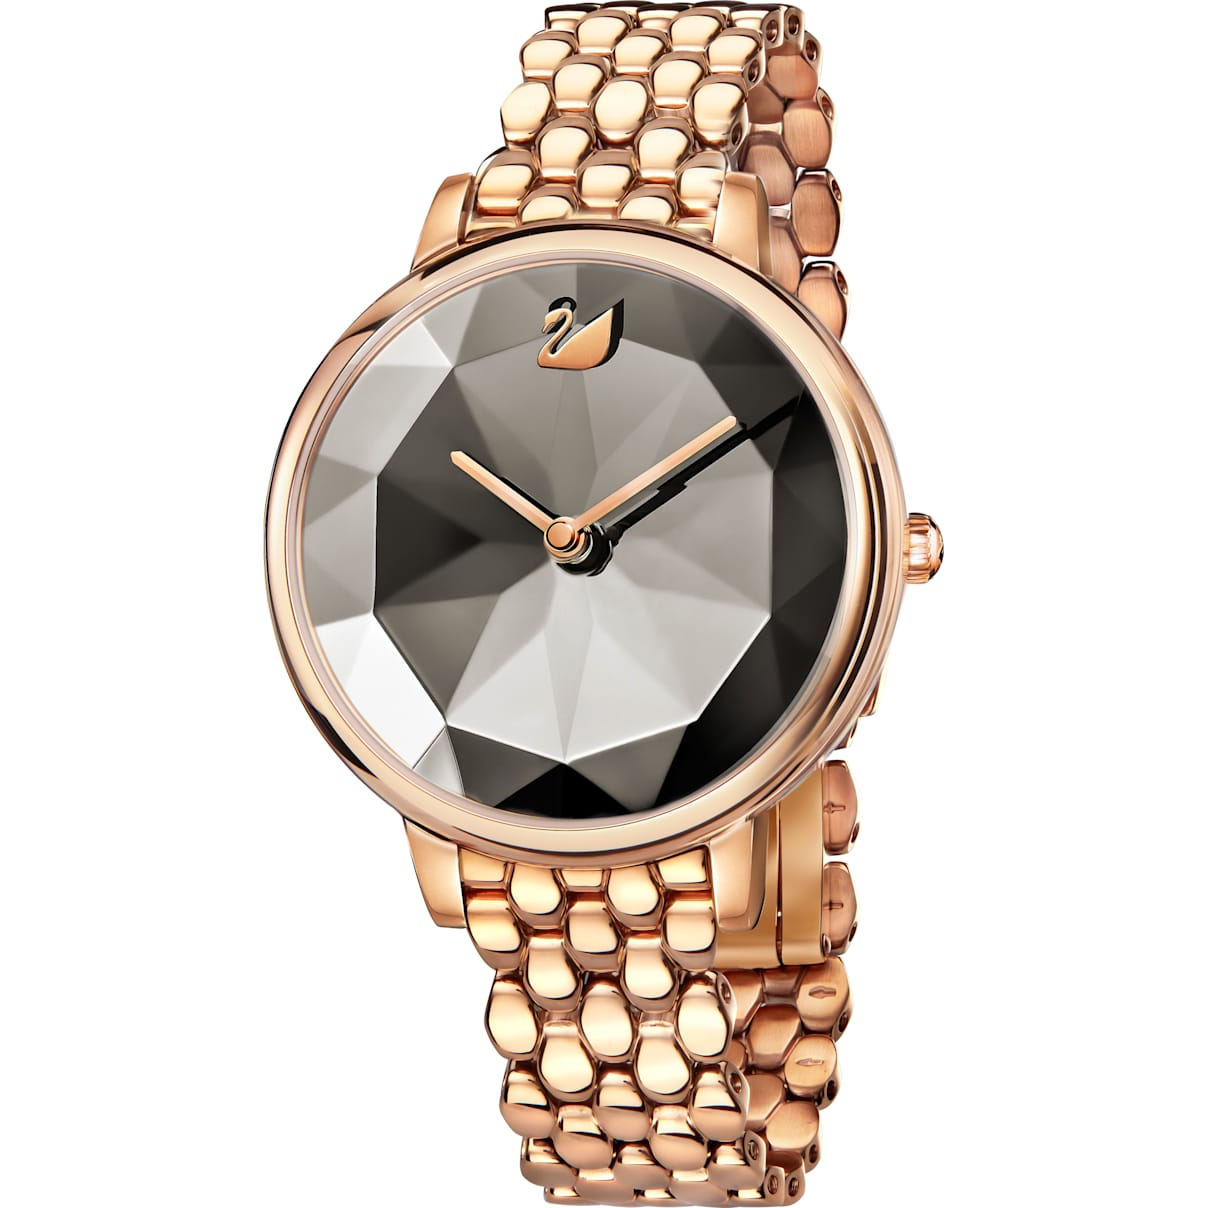 Swarovski Crystal Lake Watch, Metal bracelet, Gray, Rose-gold tone PVD